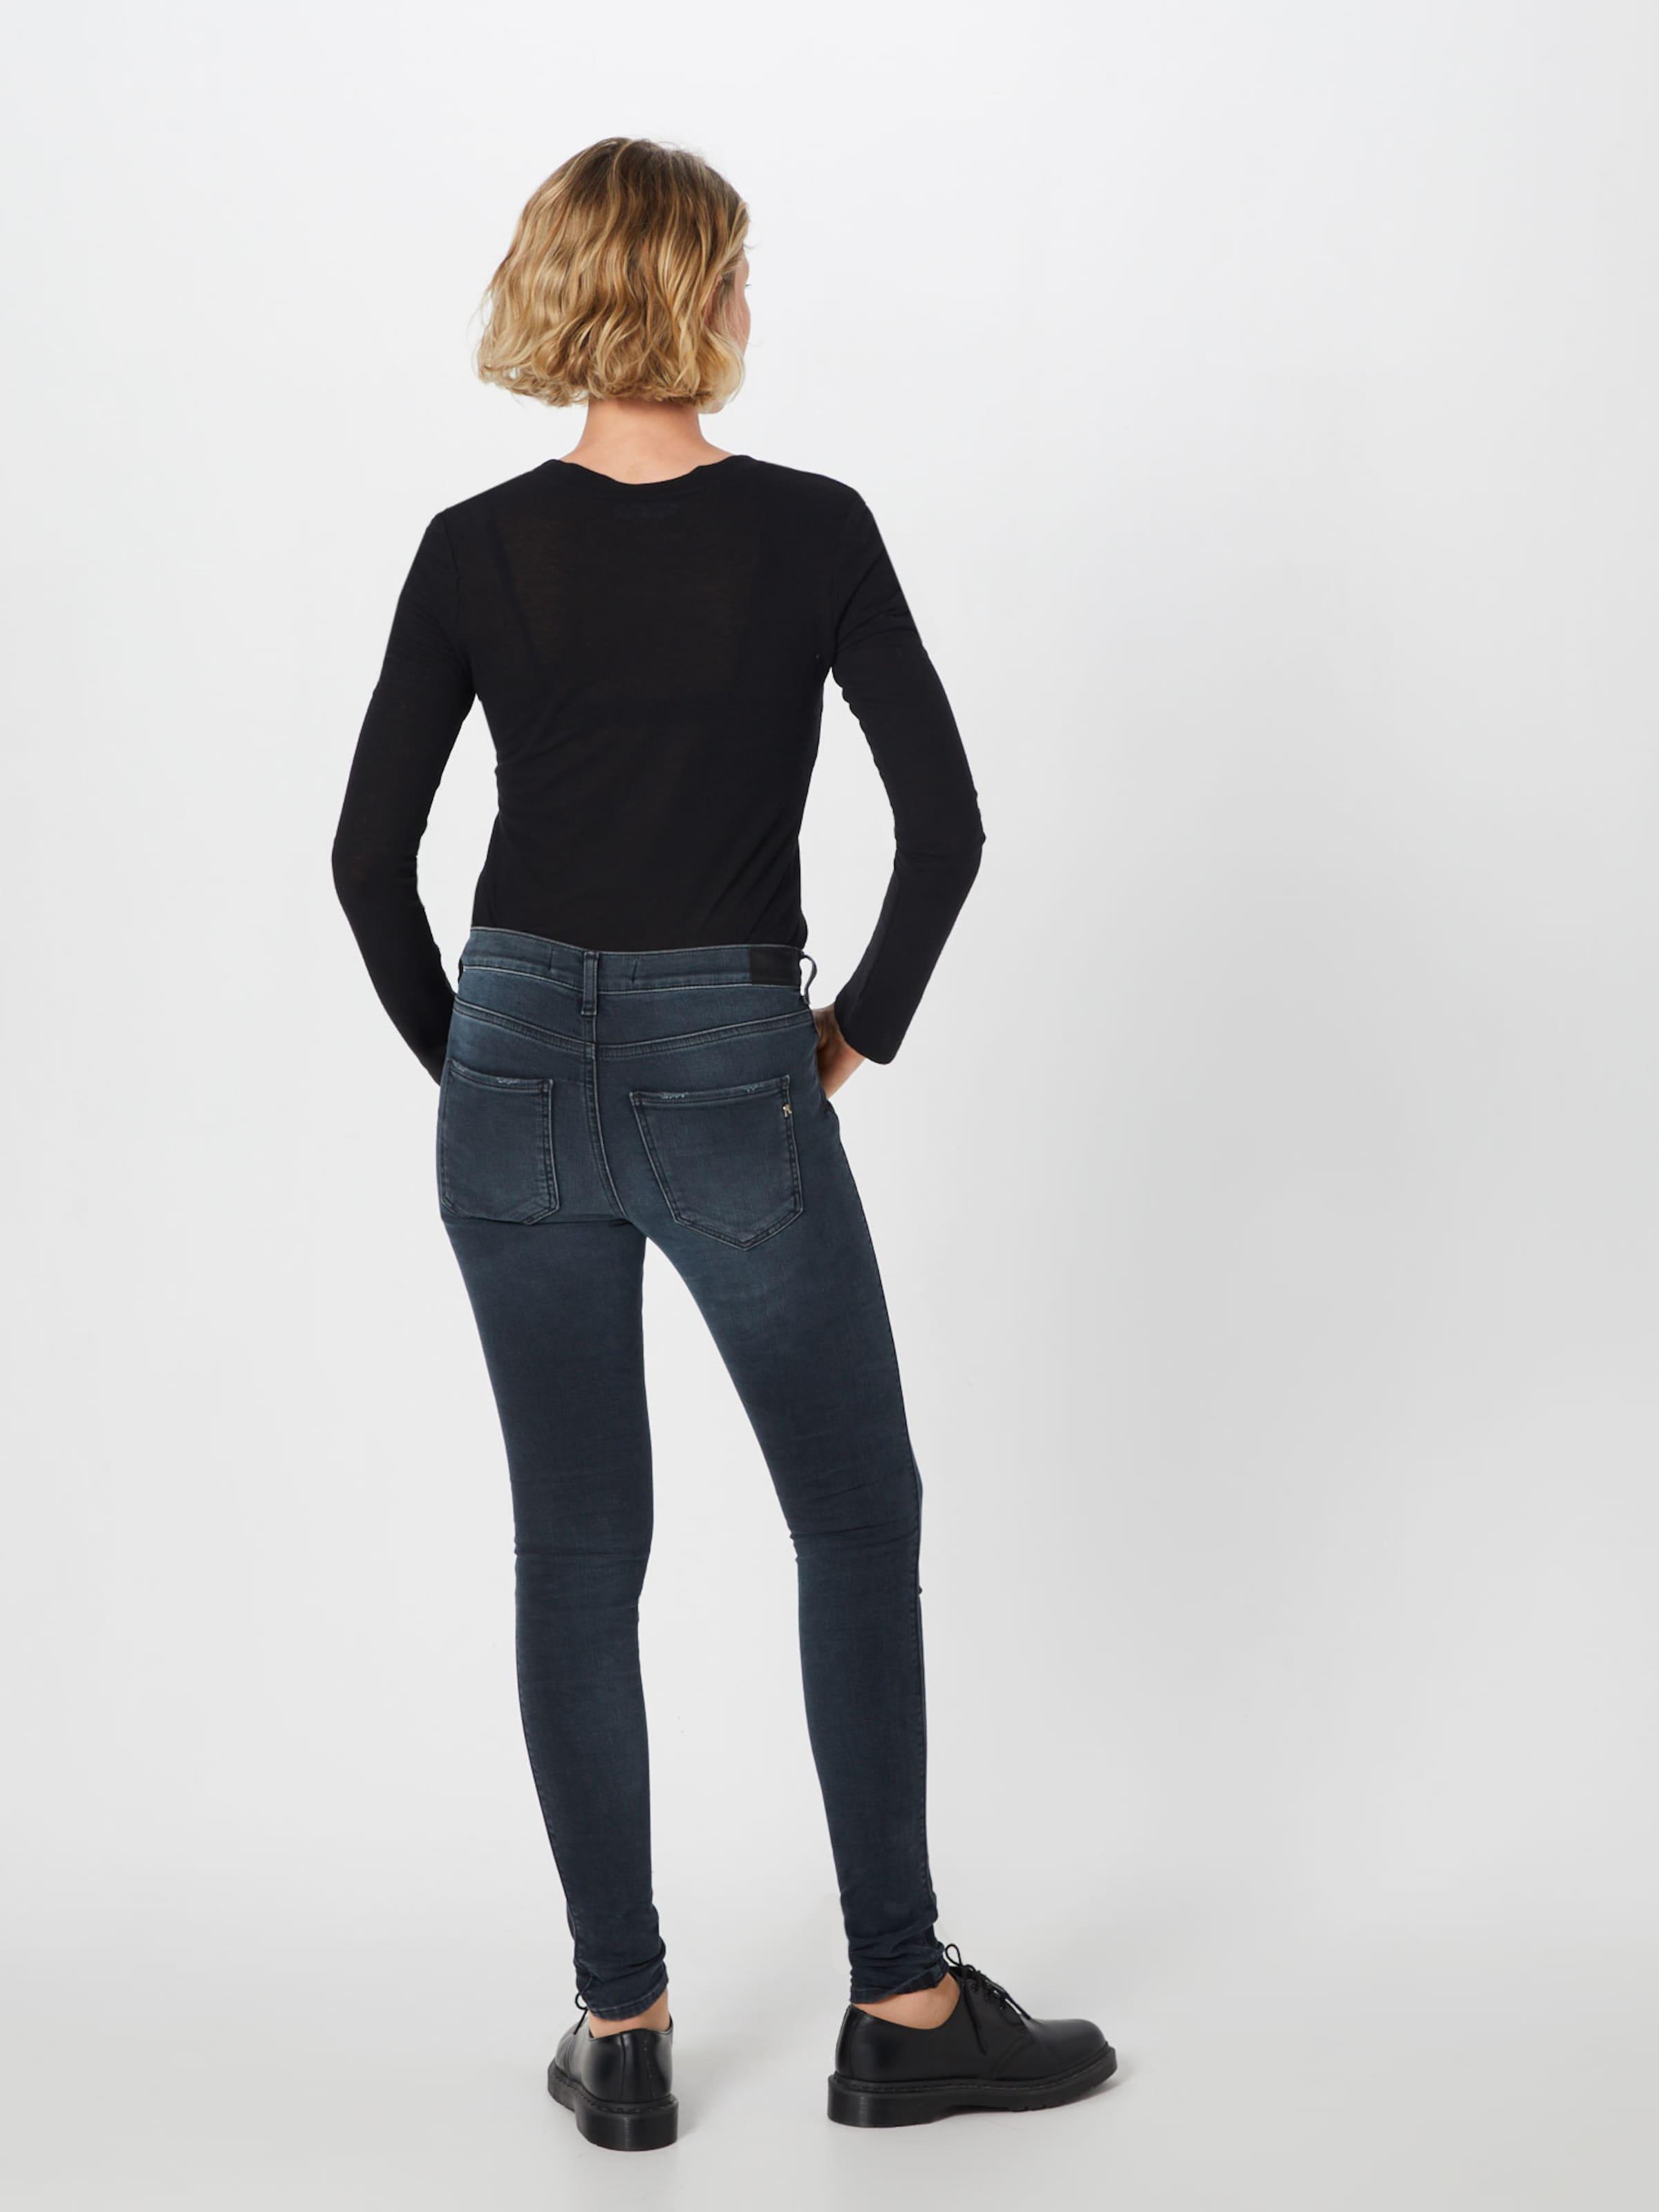 Replay Grey Jeans Denim 'stella' In E9ID2WH